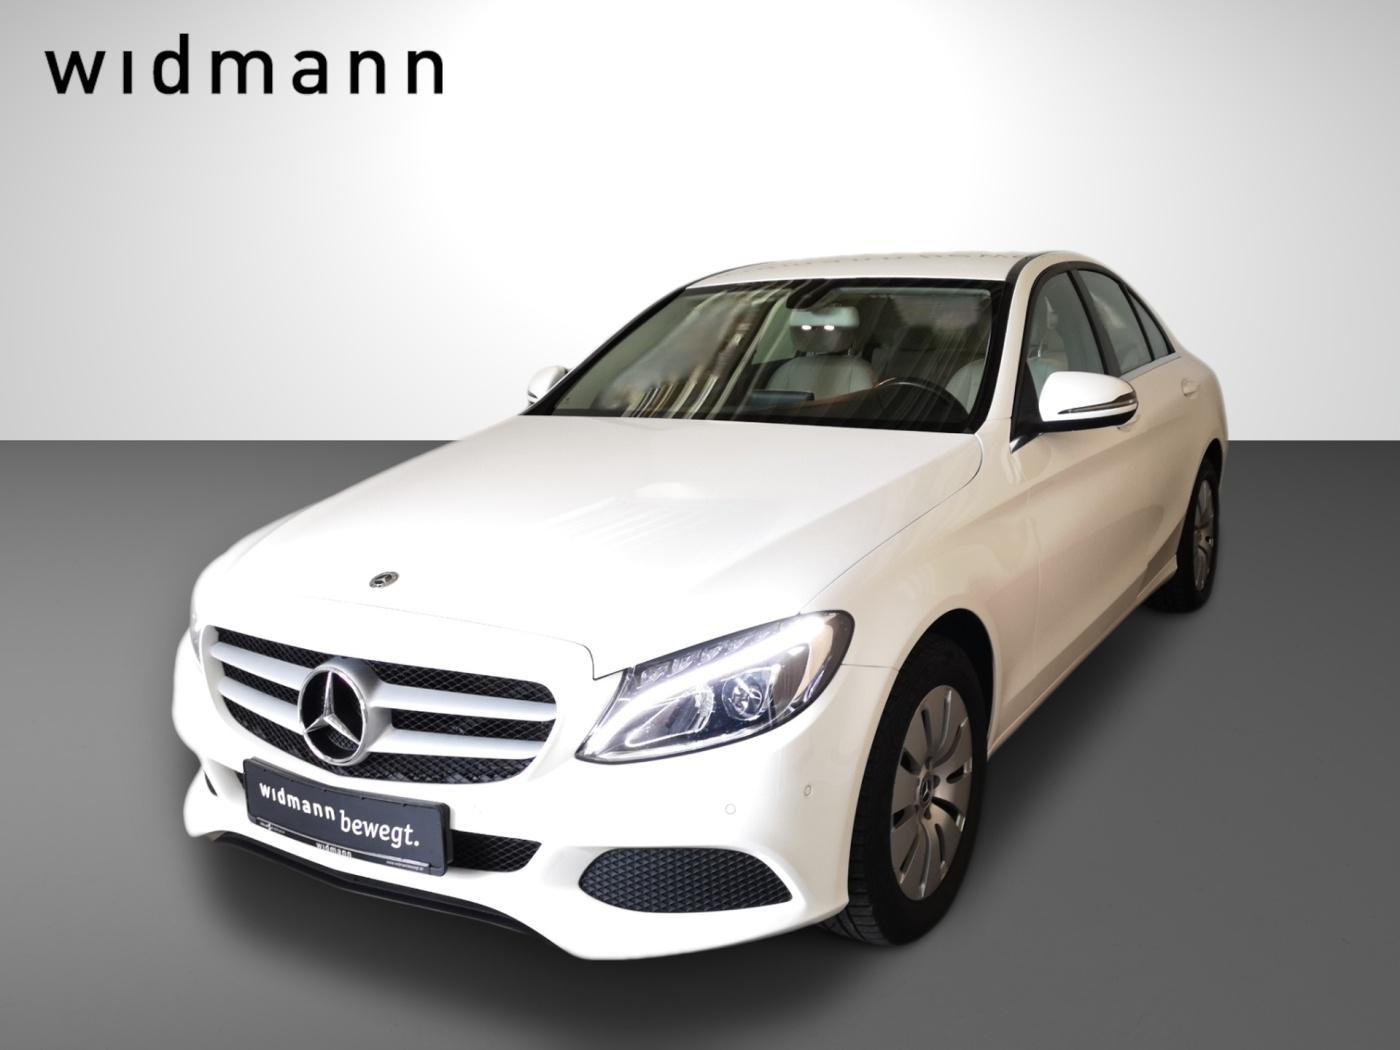 Mercedes-Benz C 200 d LED*Navigation*PTSAssist*SHZG*Automatik*, Jahr 2017, Diesel